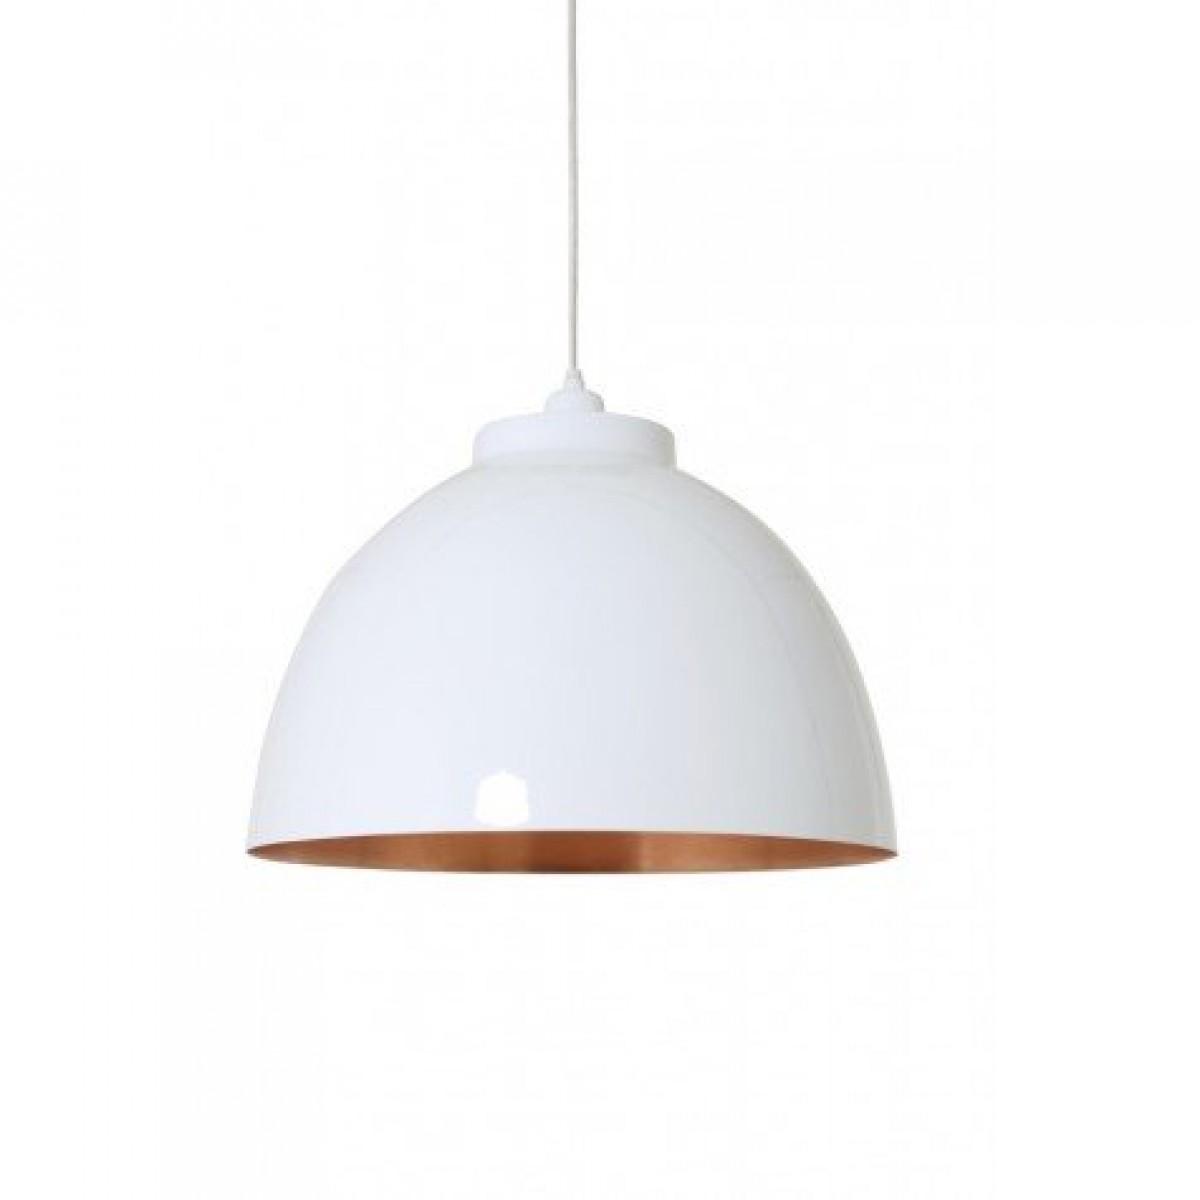 kupfer lampe diy eine lampe aus kupfer die anleitung gibt es auf httpswww with kupfer lampe. Black Bedroom Furniture Sets. Home Design Ideas